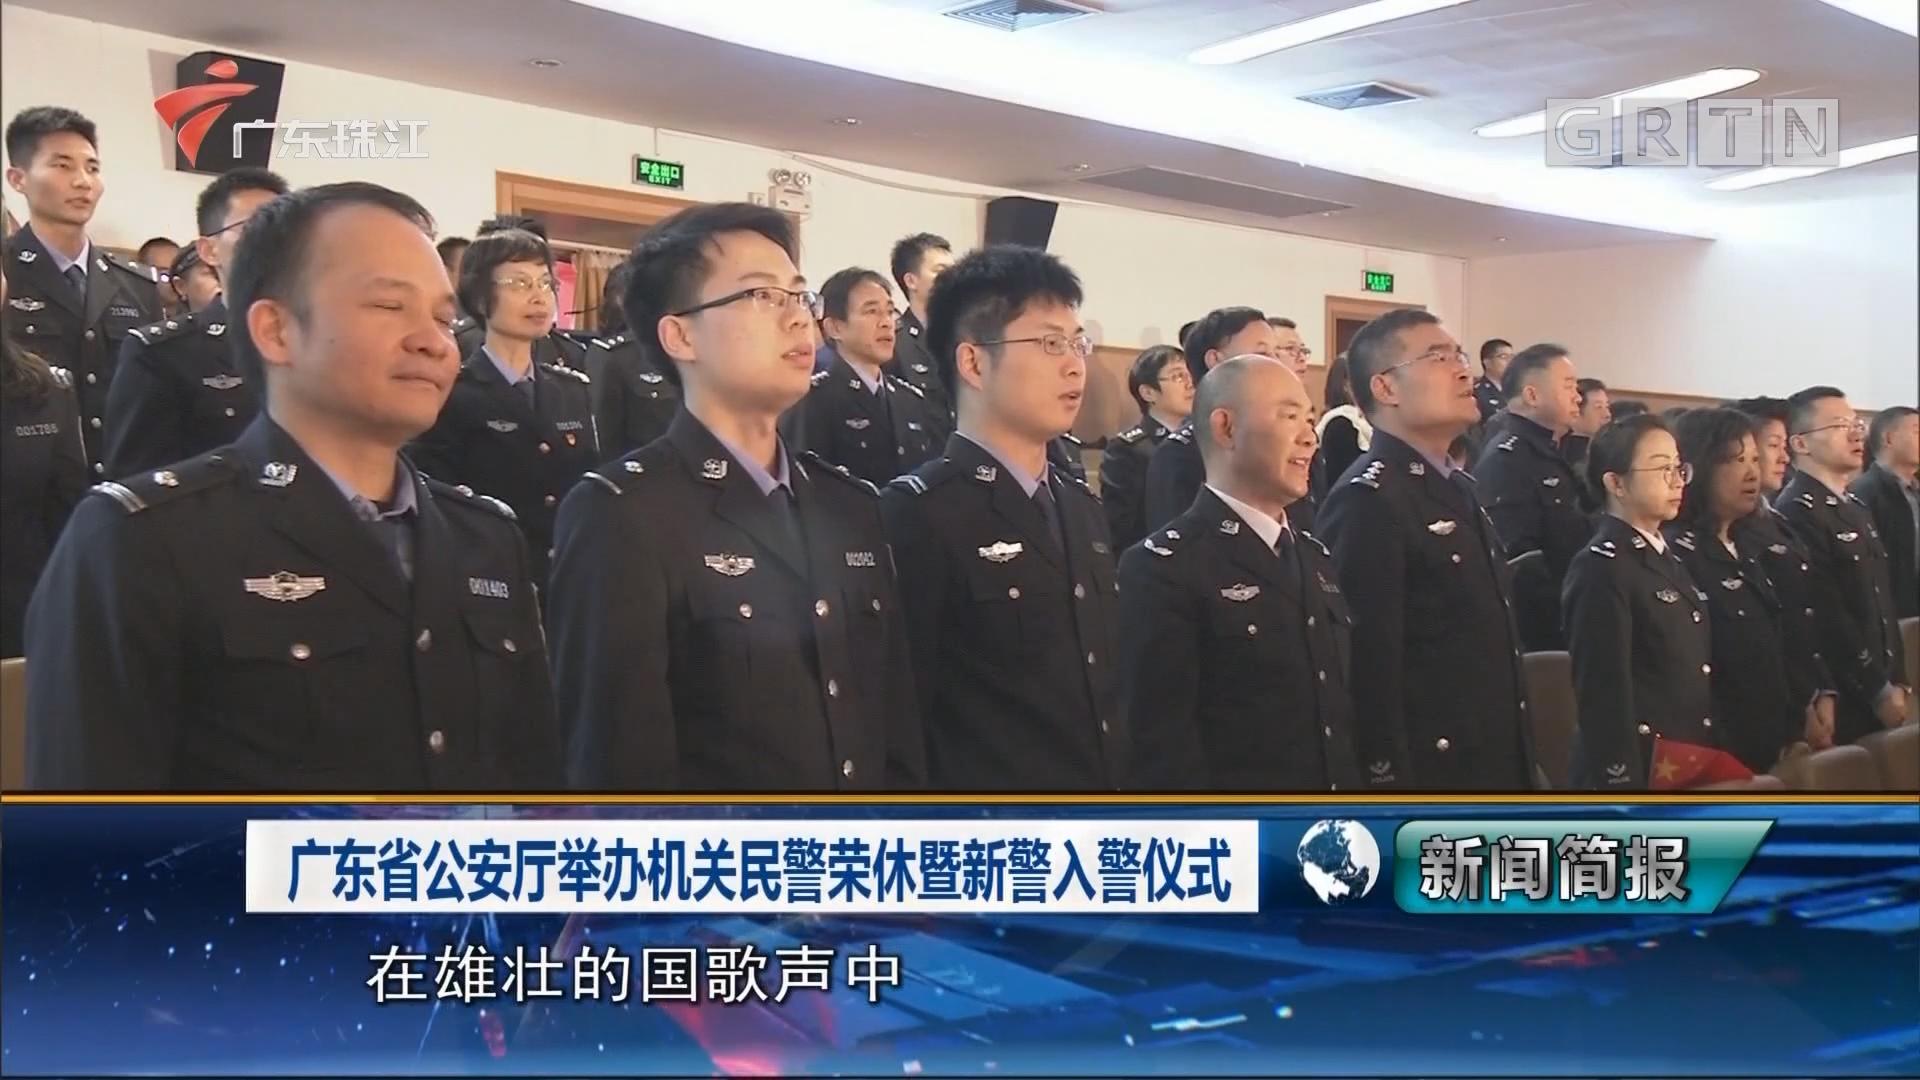 广东省公安厅举办机关民警荣休暨新警入警仪式